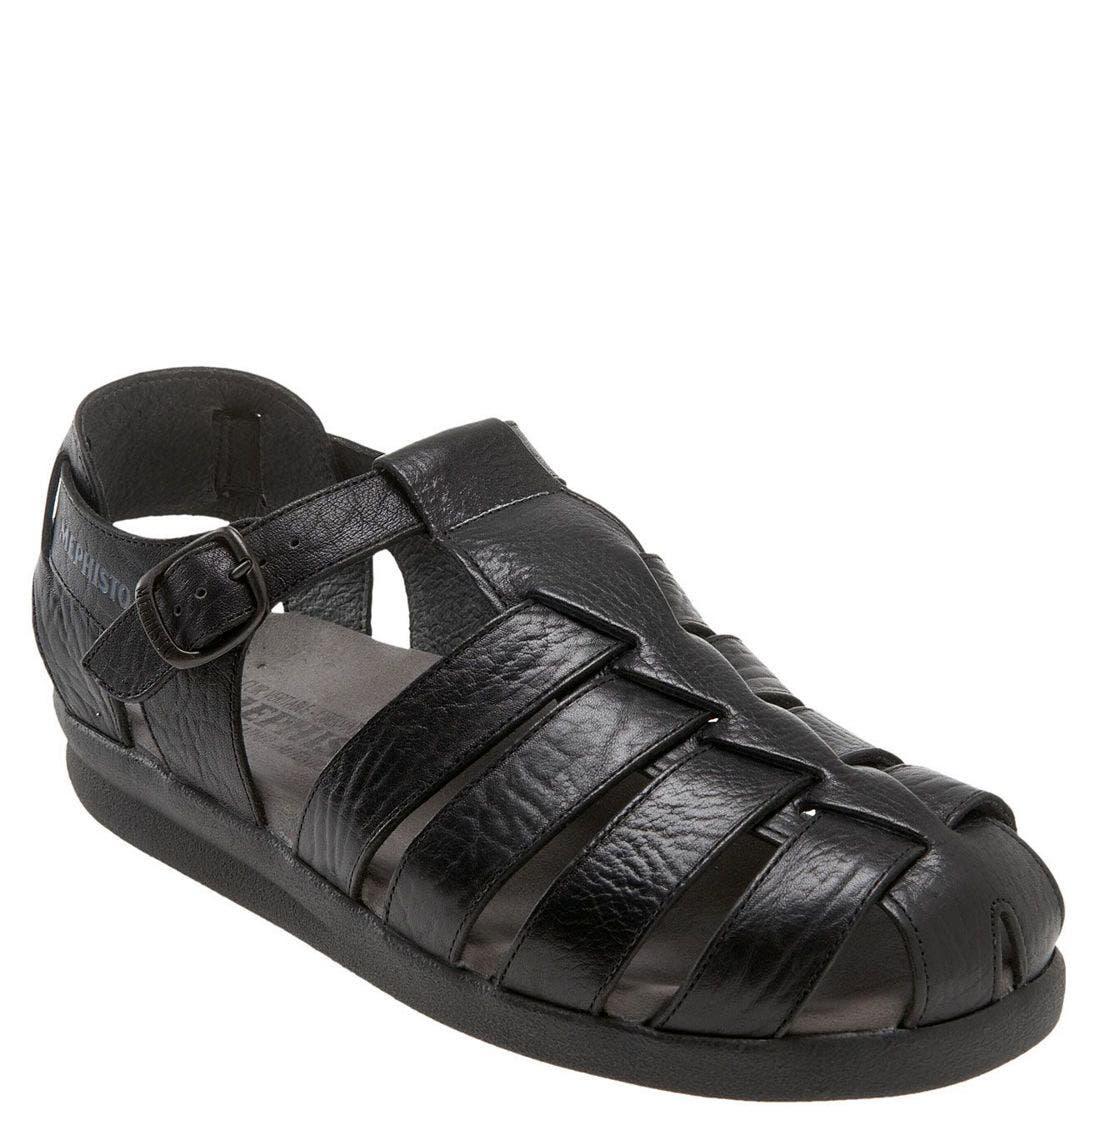 Mephisto 'Sam' Sandal